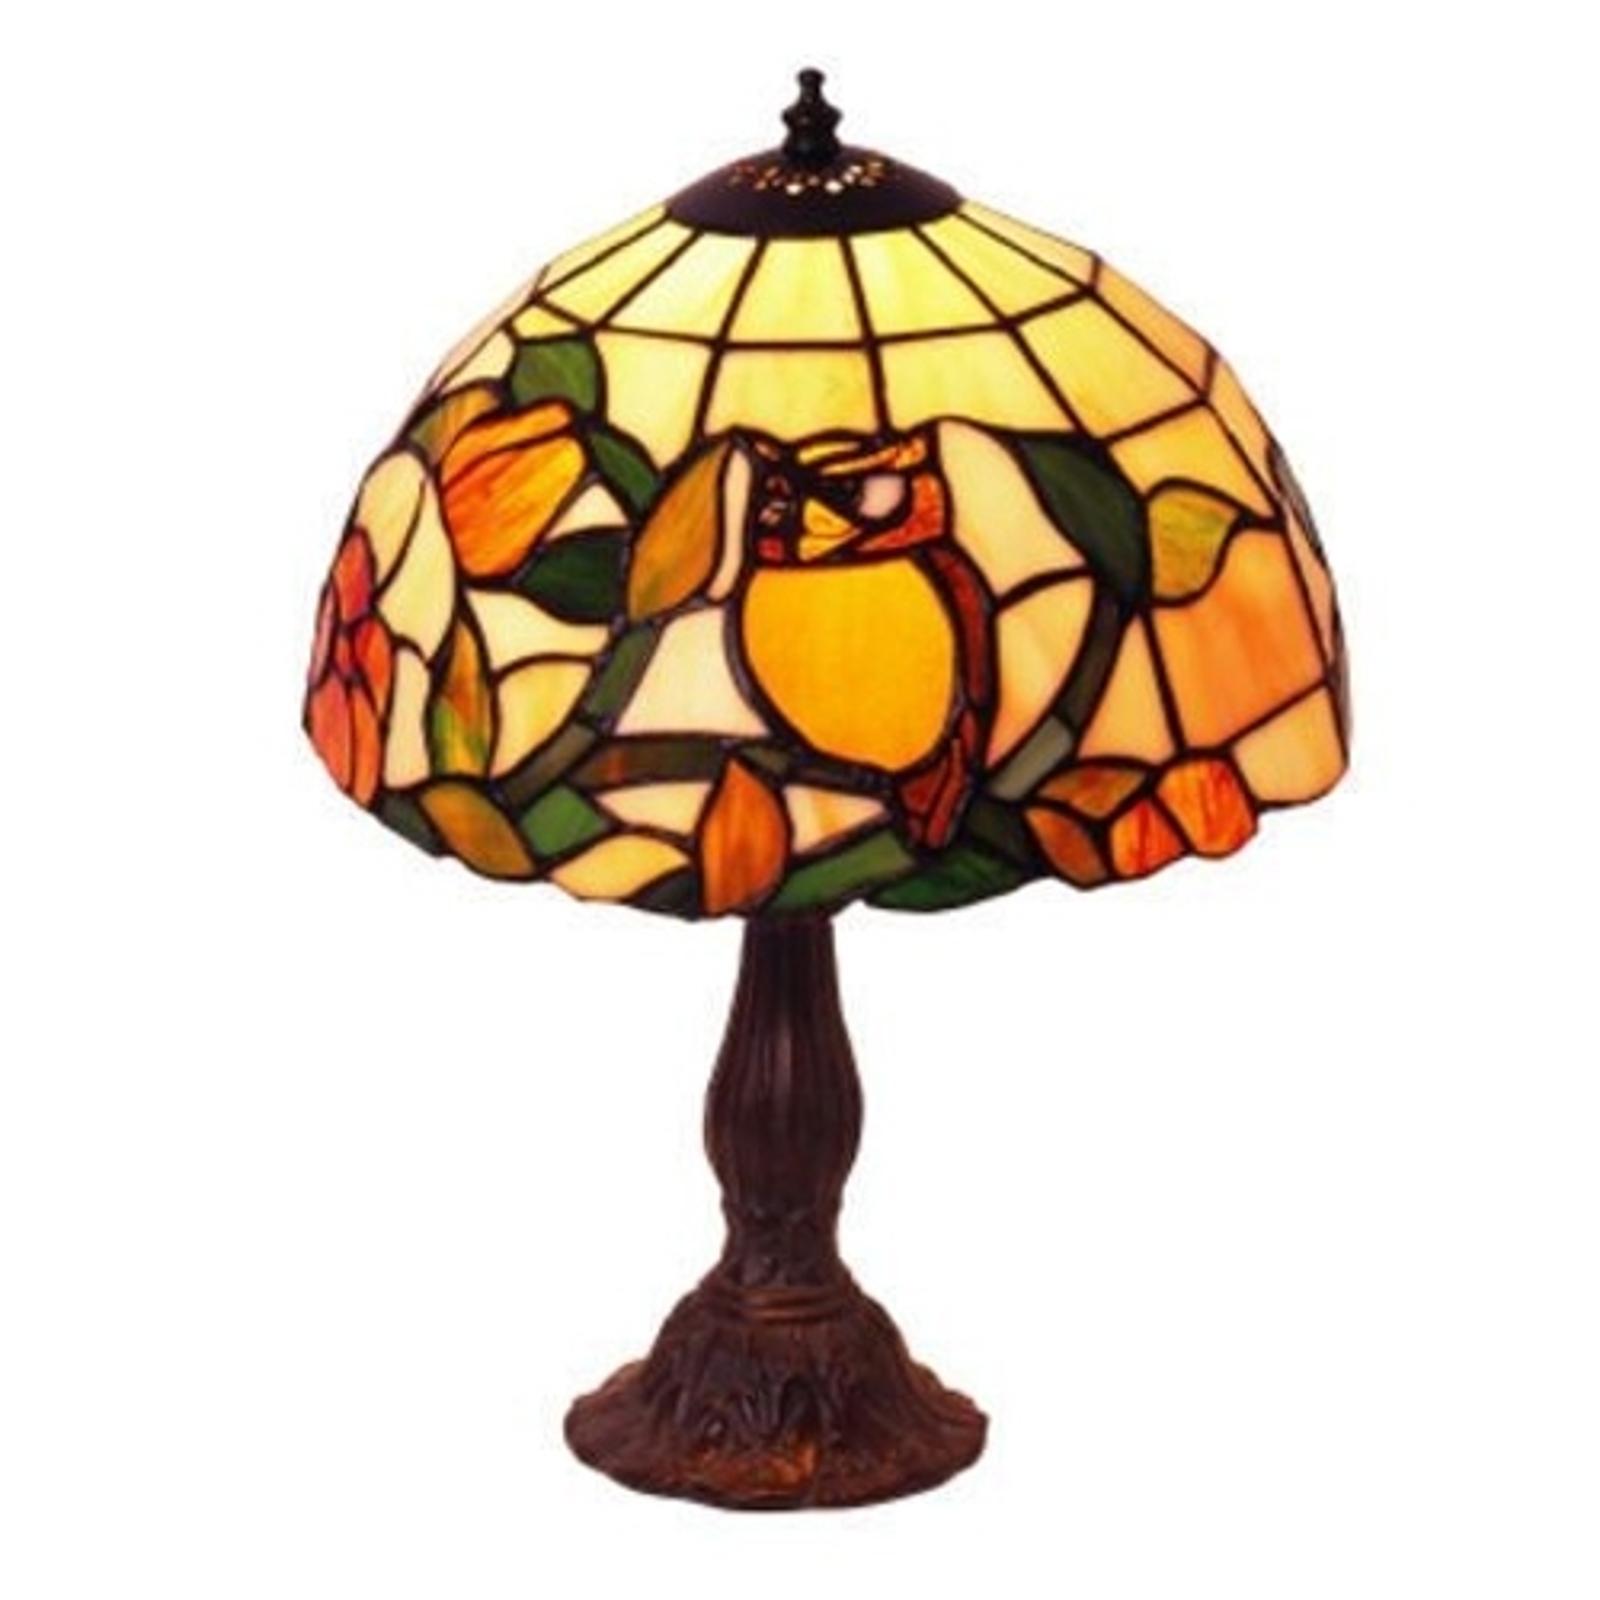 Stolná lampa s motívom JULIANA v štýle Tiffany_1032198_1